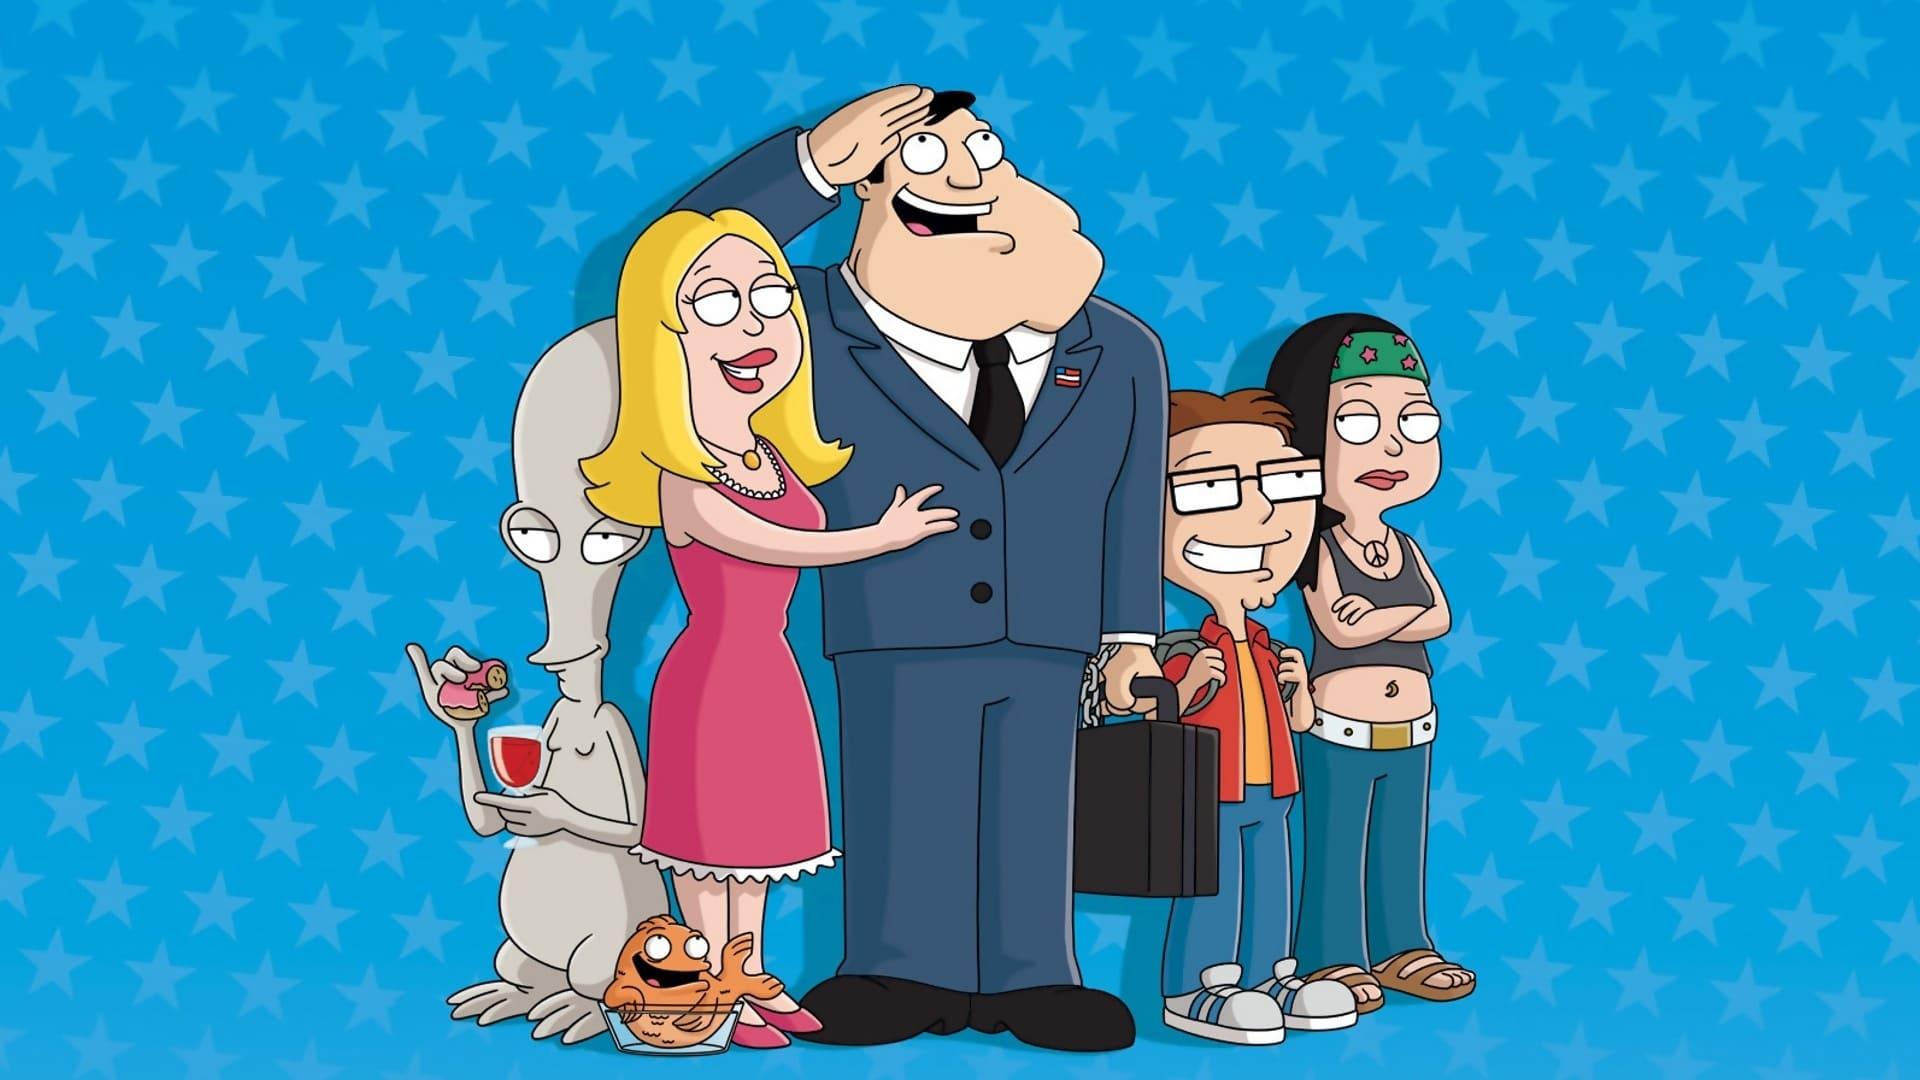 American Dad! - Season 17 Episode 20